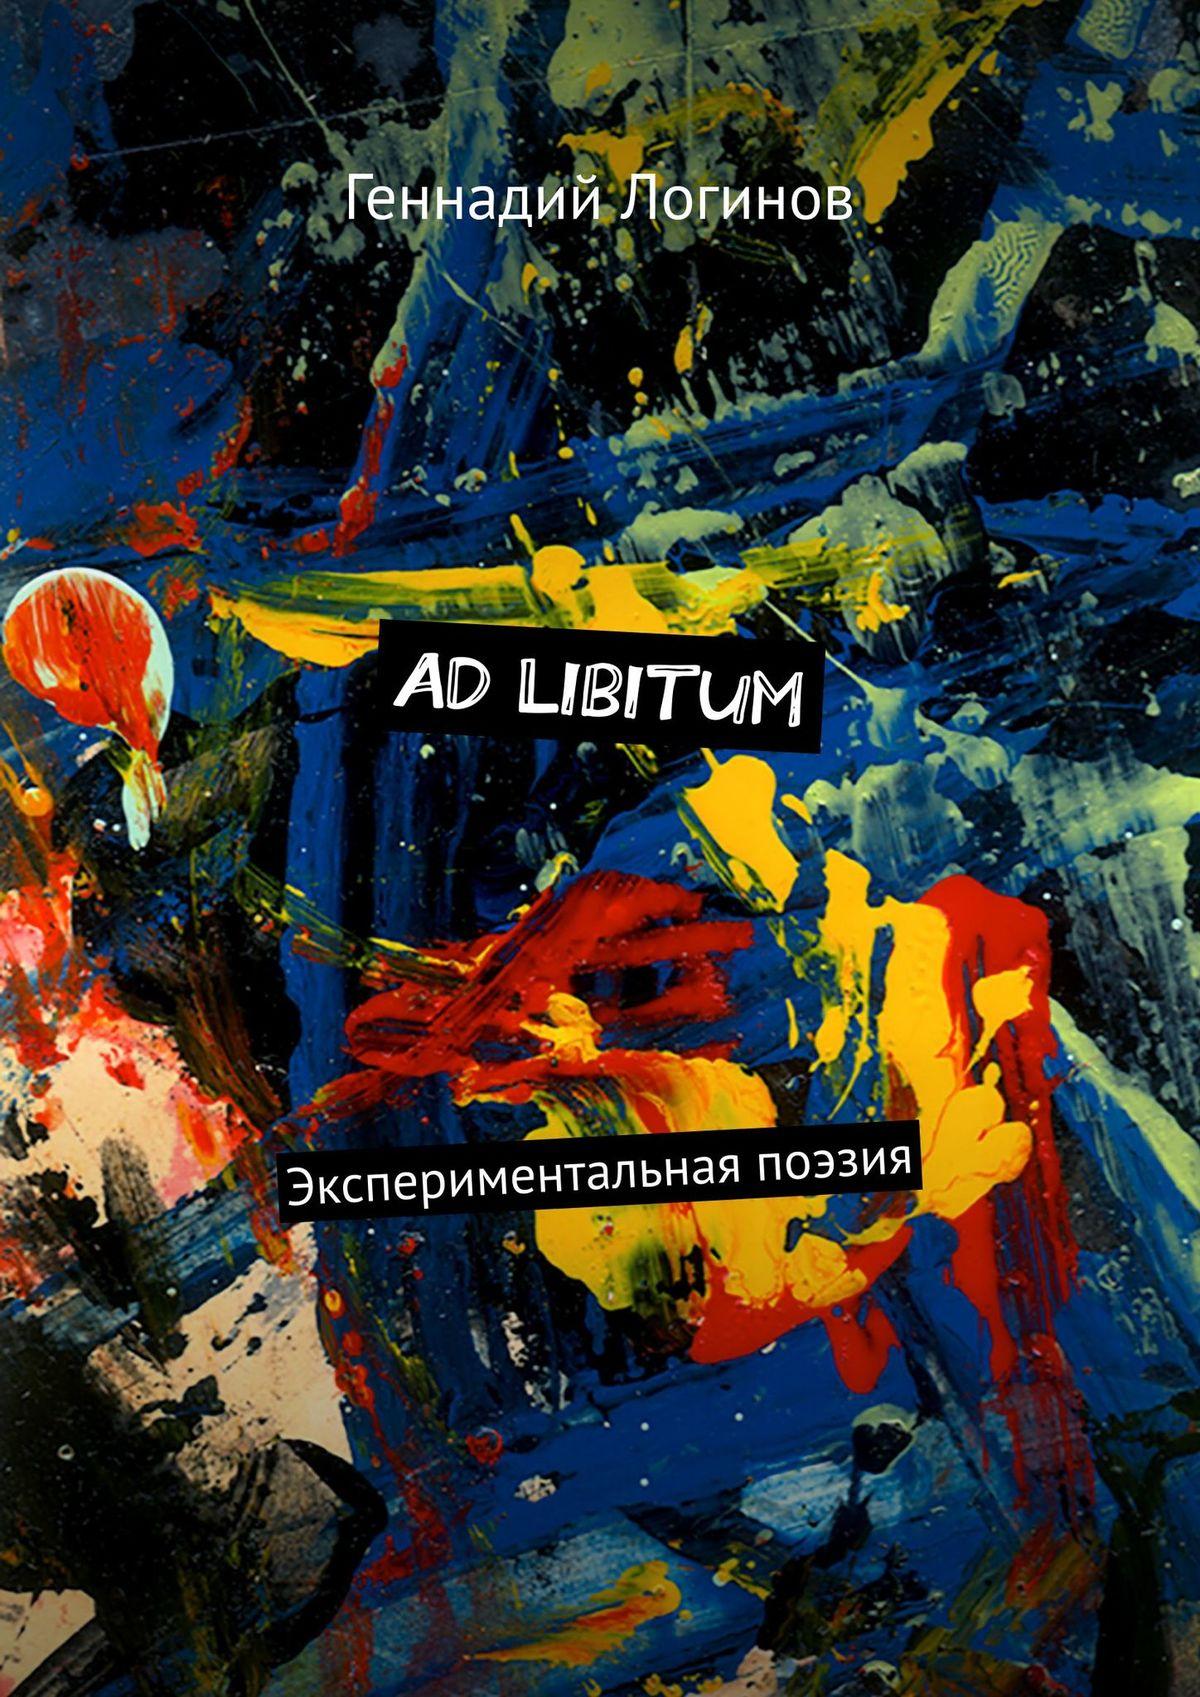 Геннадий Логинов Ad Libitum. Экспериментальная поэзия геннадий логинов discrete person